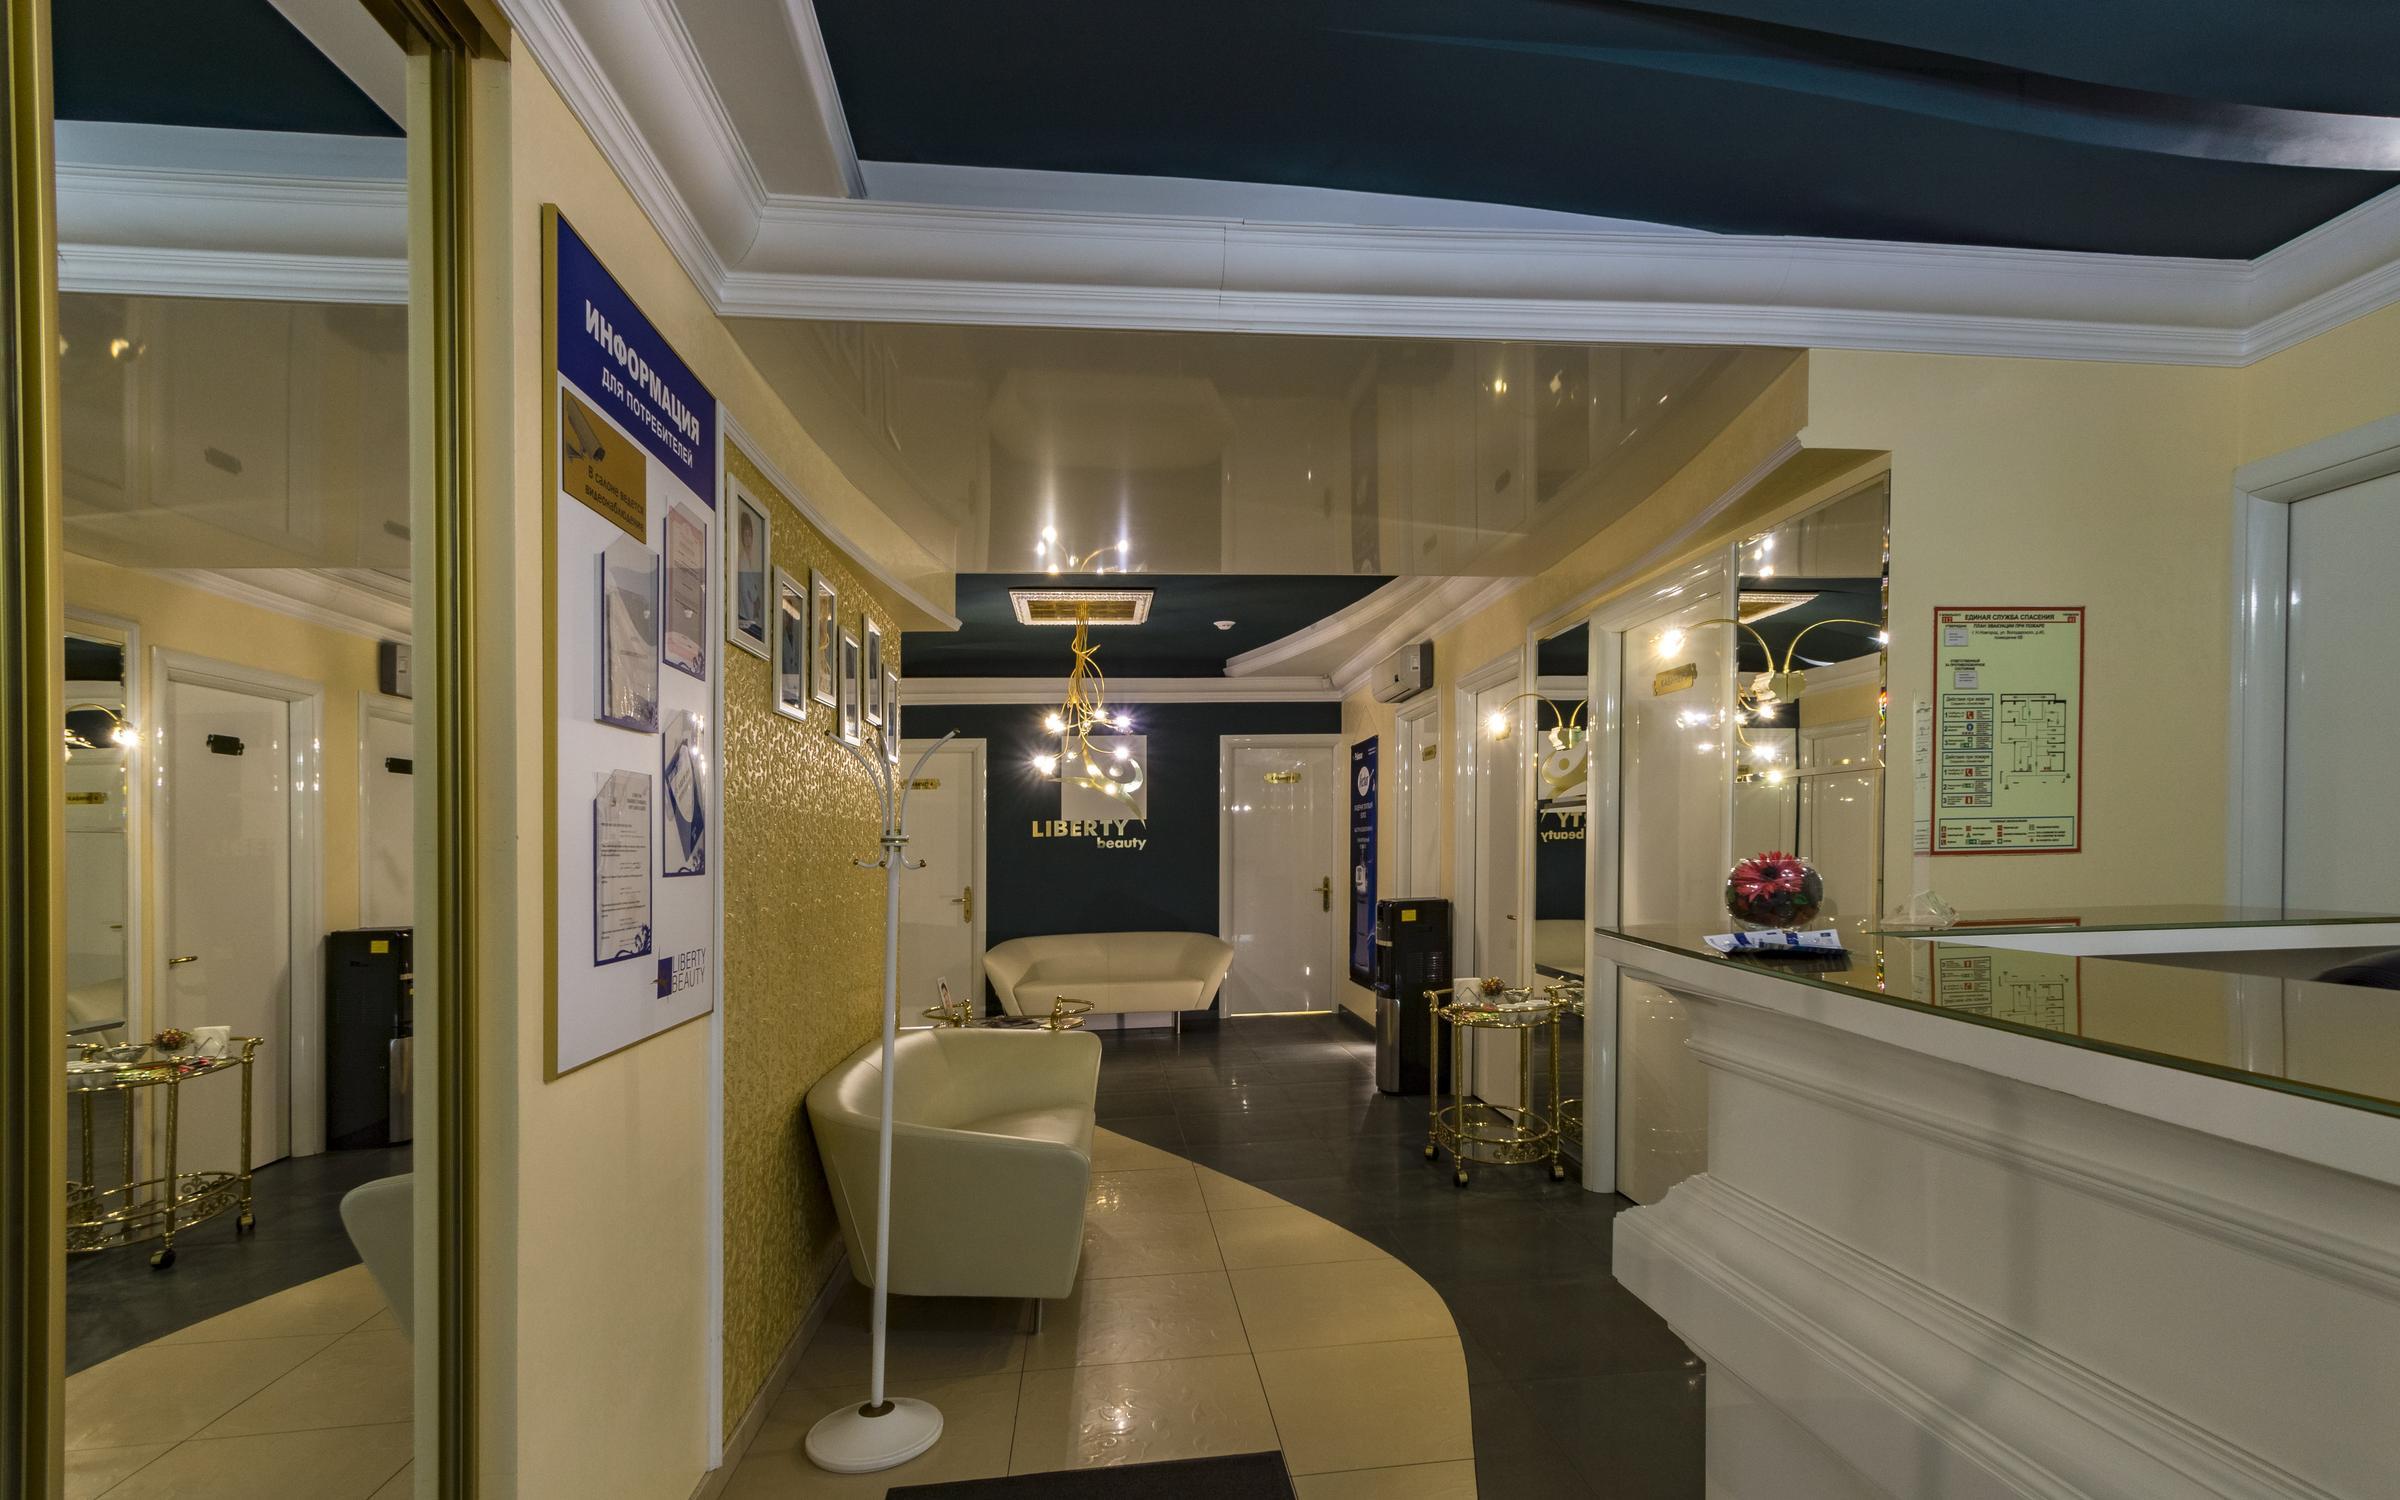 фотография Центра врачебной косметологии Liberty Beauty на улице Володарского, 40